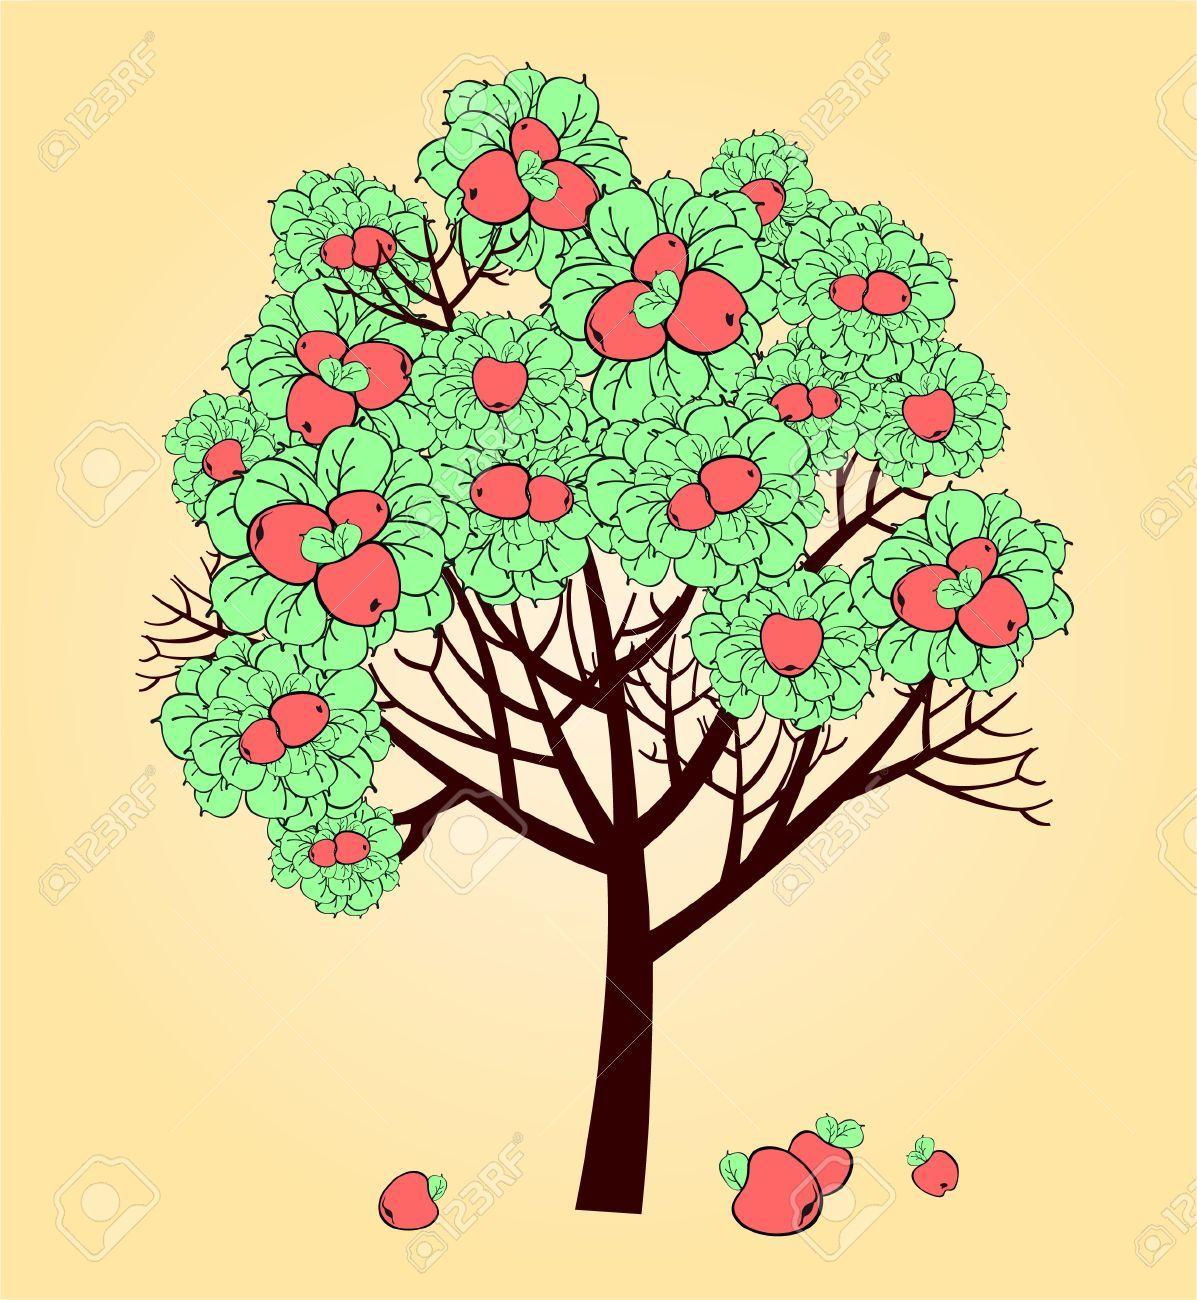 Plantas Con Frutos Dibujo Buscar Con Google Colossians 1 Colossians 10 Things